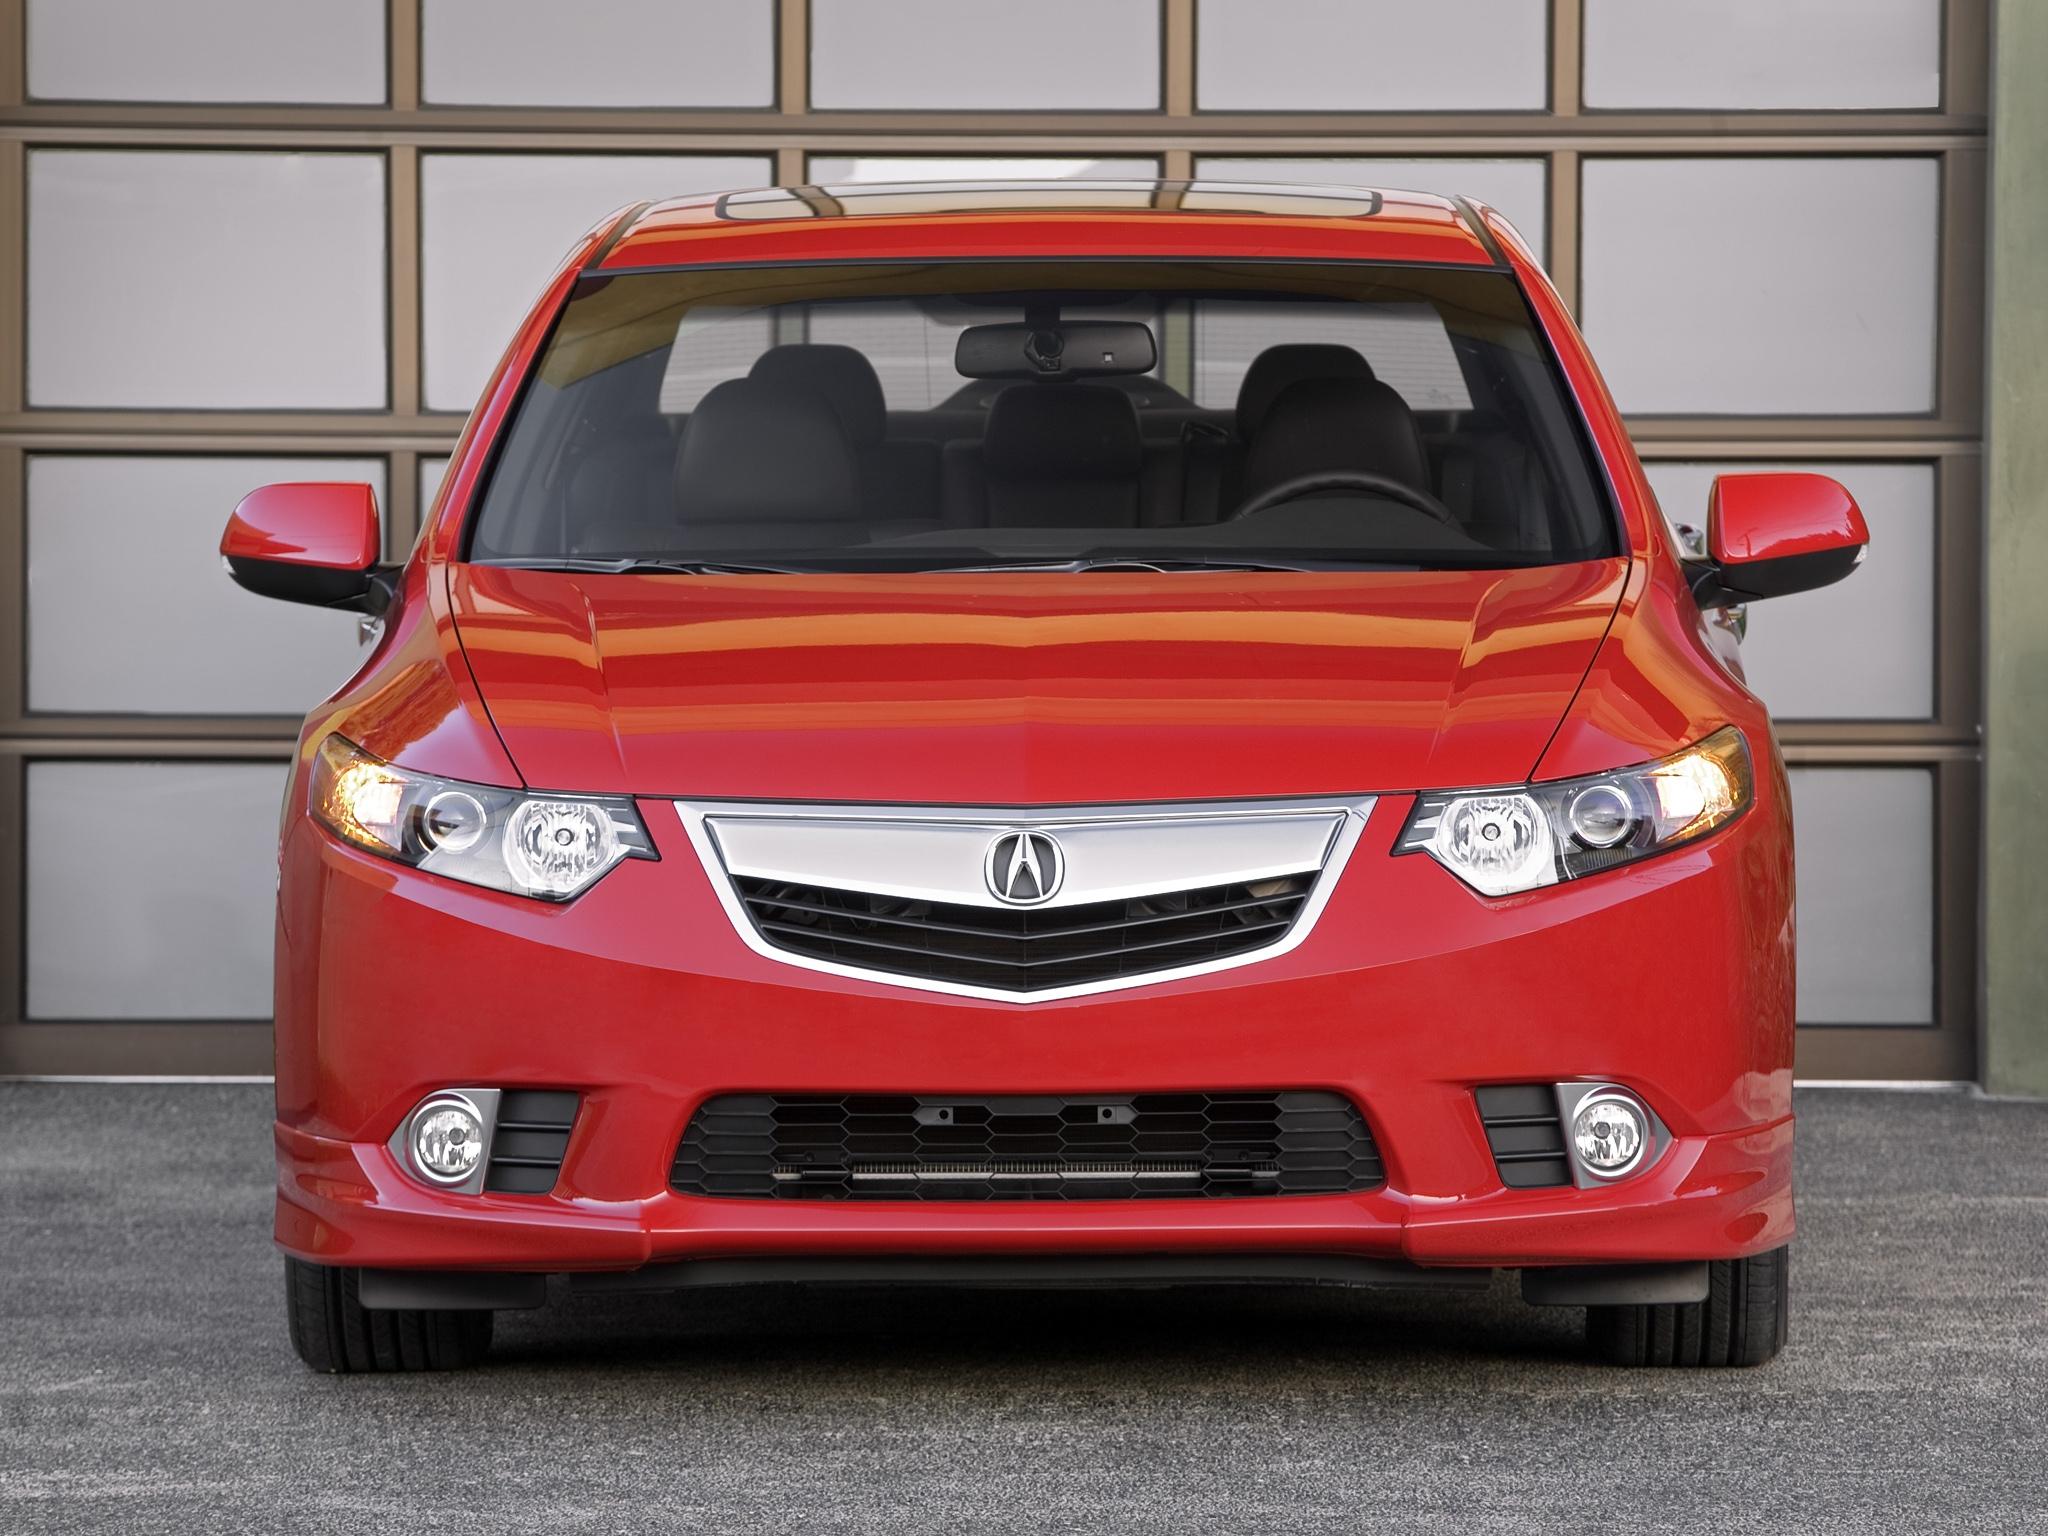 157872 скачать обои Тачки (Cars), Акура, 2011, Красный, Вид Спереди, Стиль, Акура (Acura), Tsx, Машины - заставки и картинки бесплатно